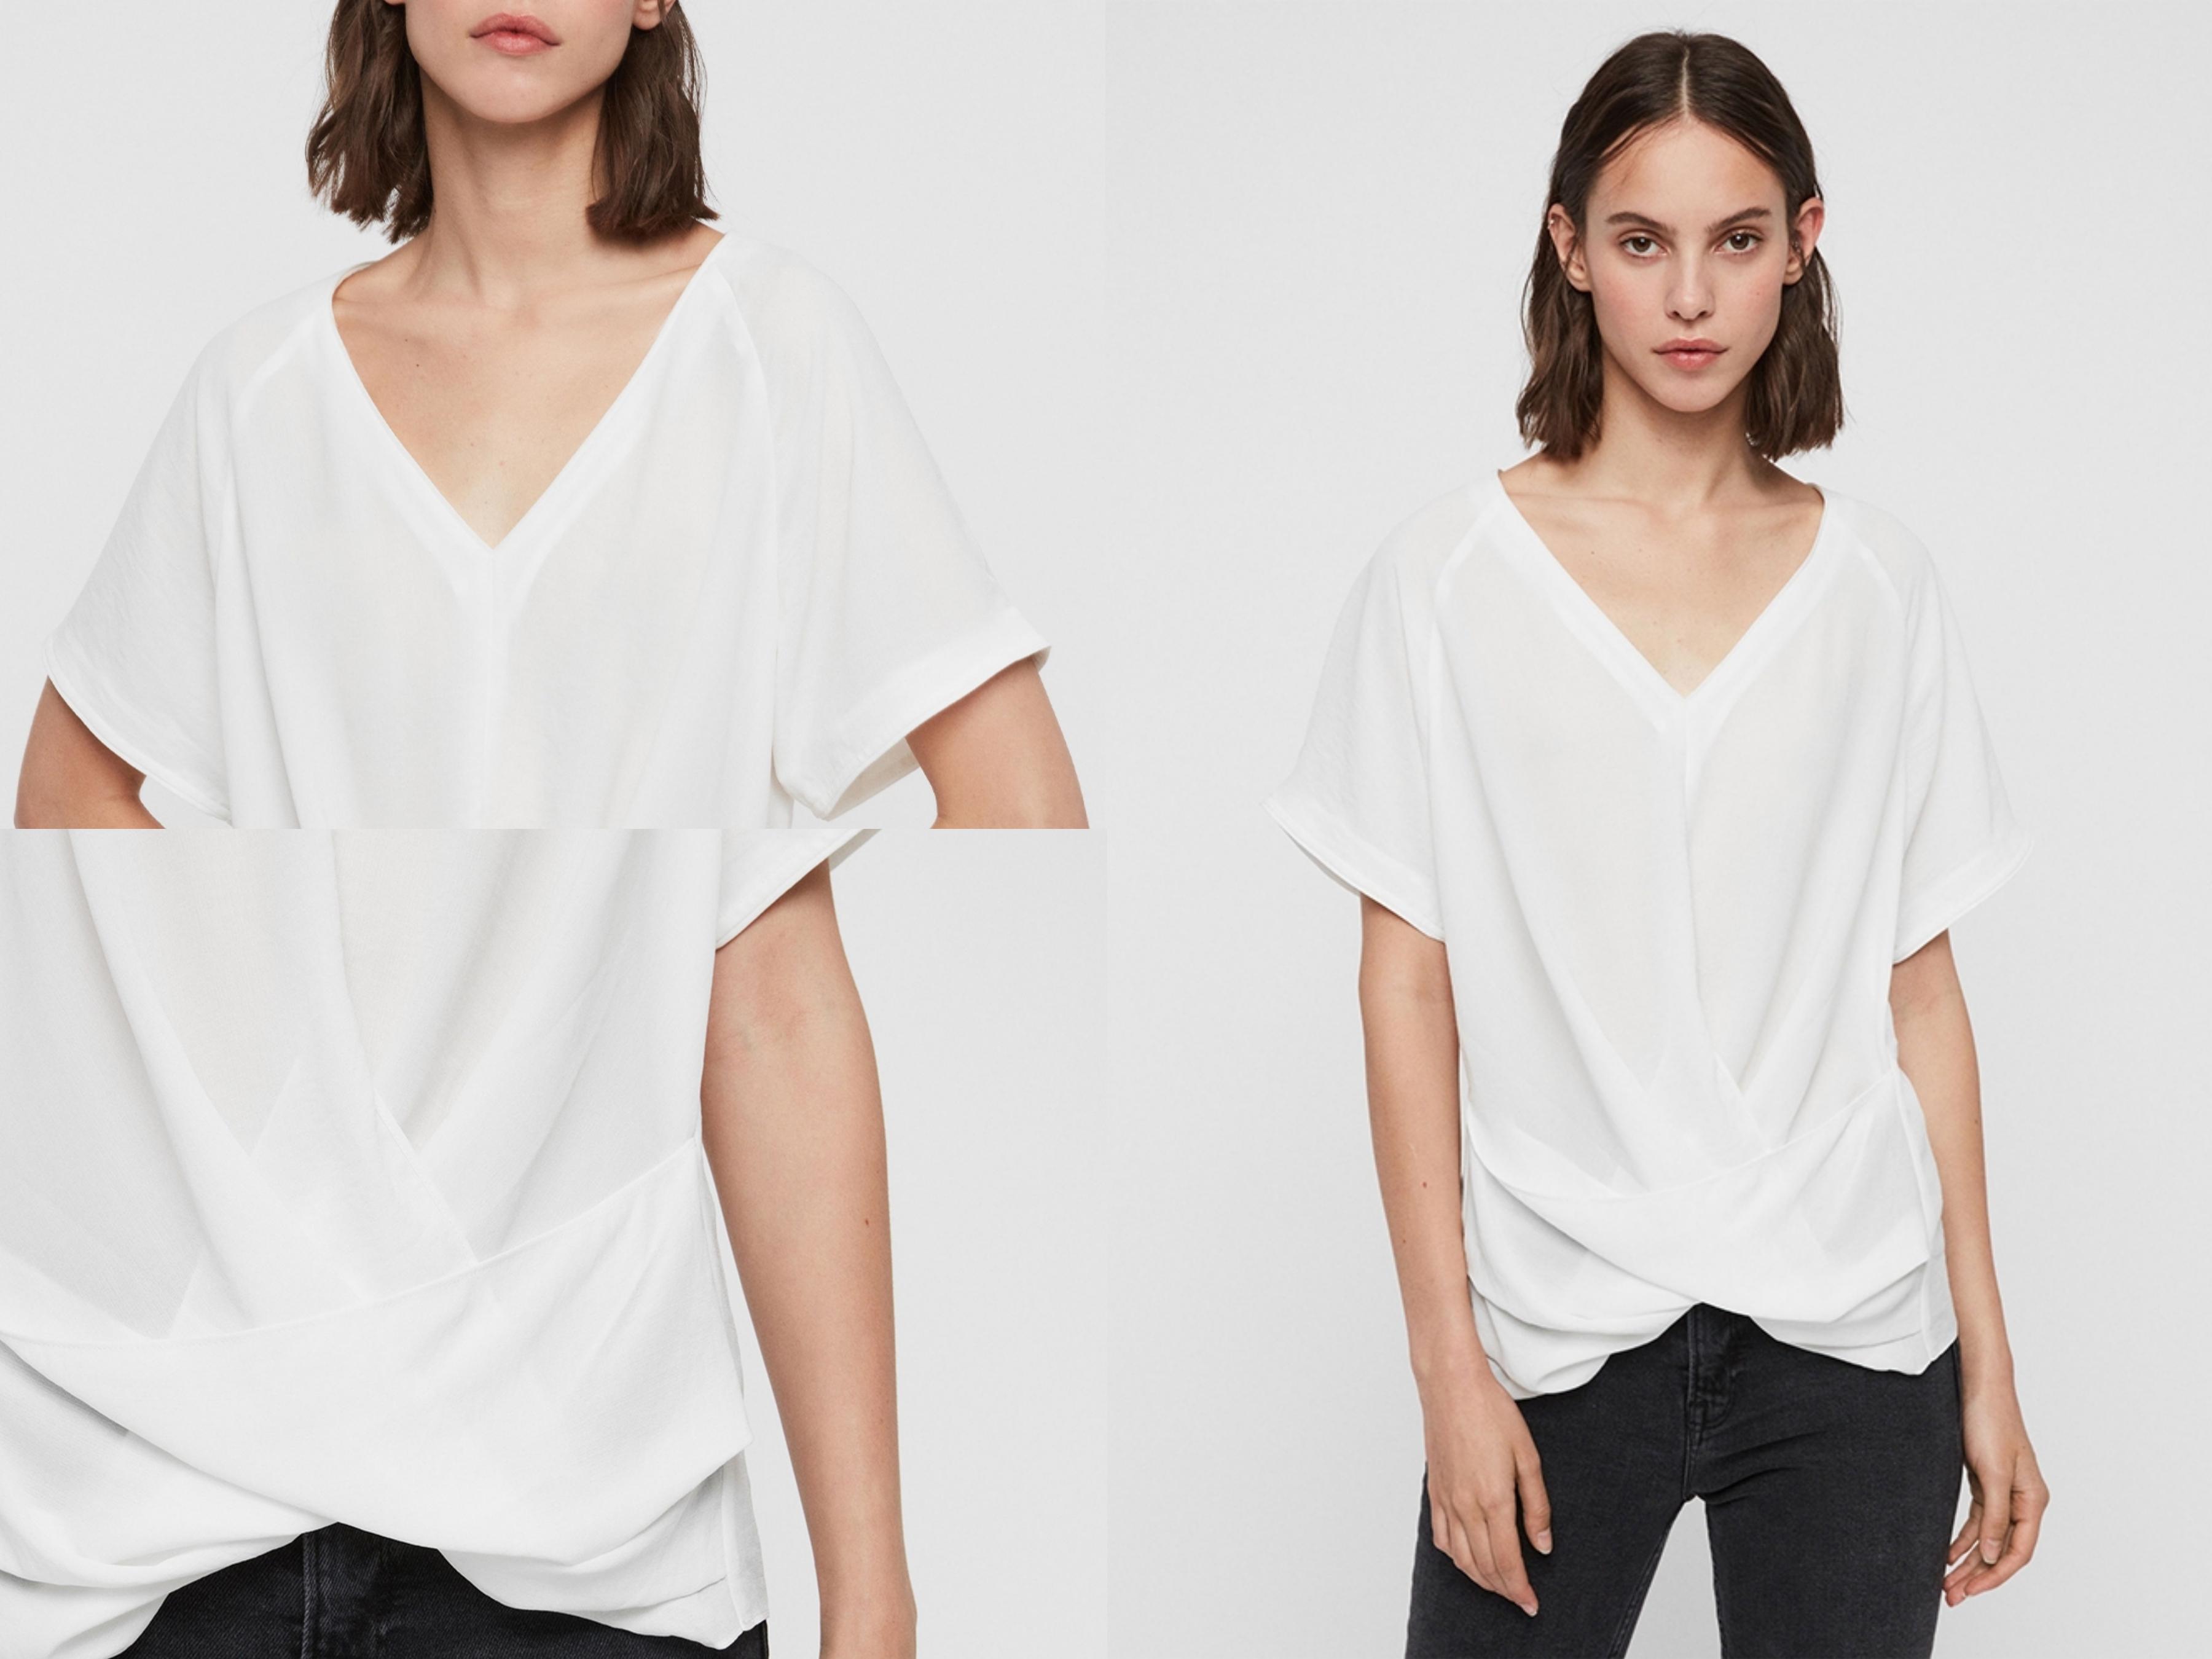 PIPER 短袖T恤採用輕質半透明面料製成,顯瘦的V領領口設計